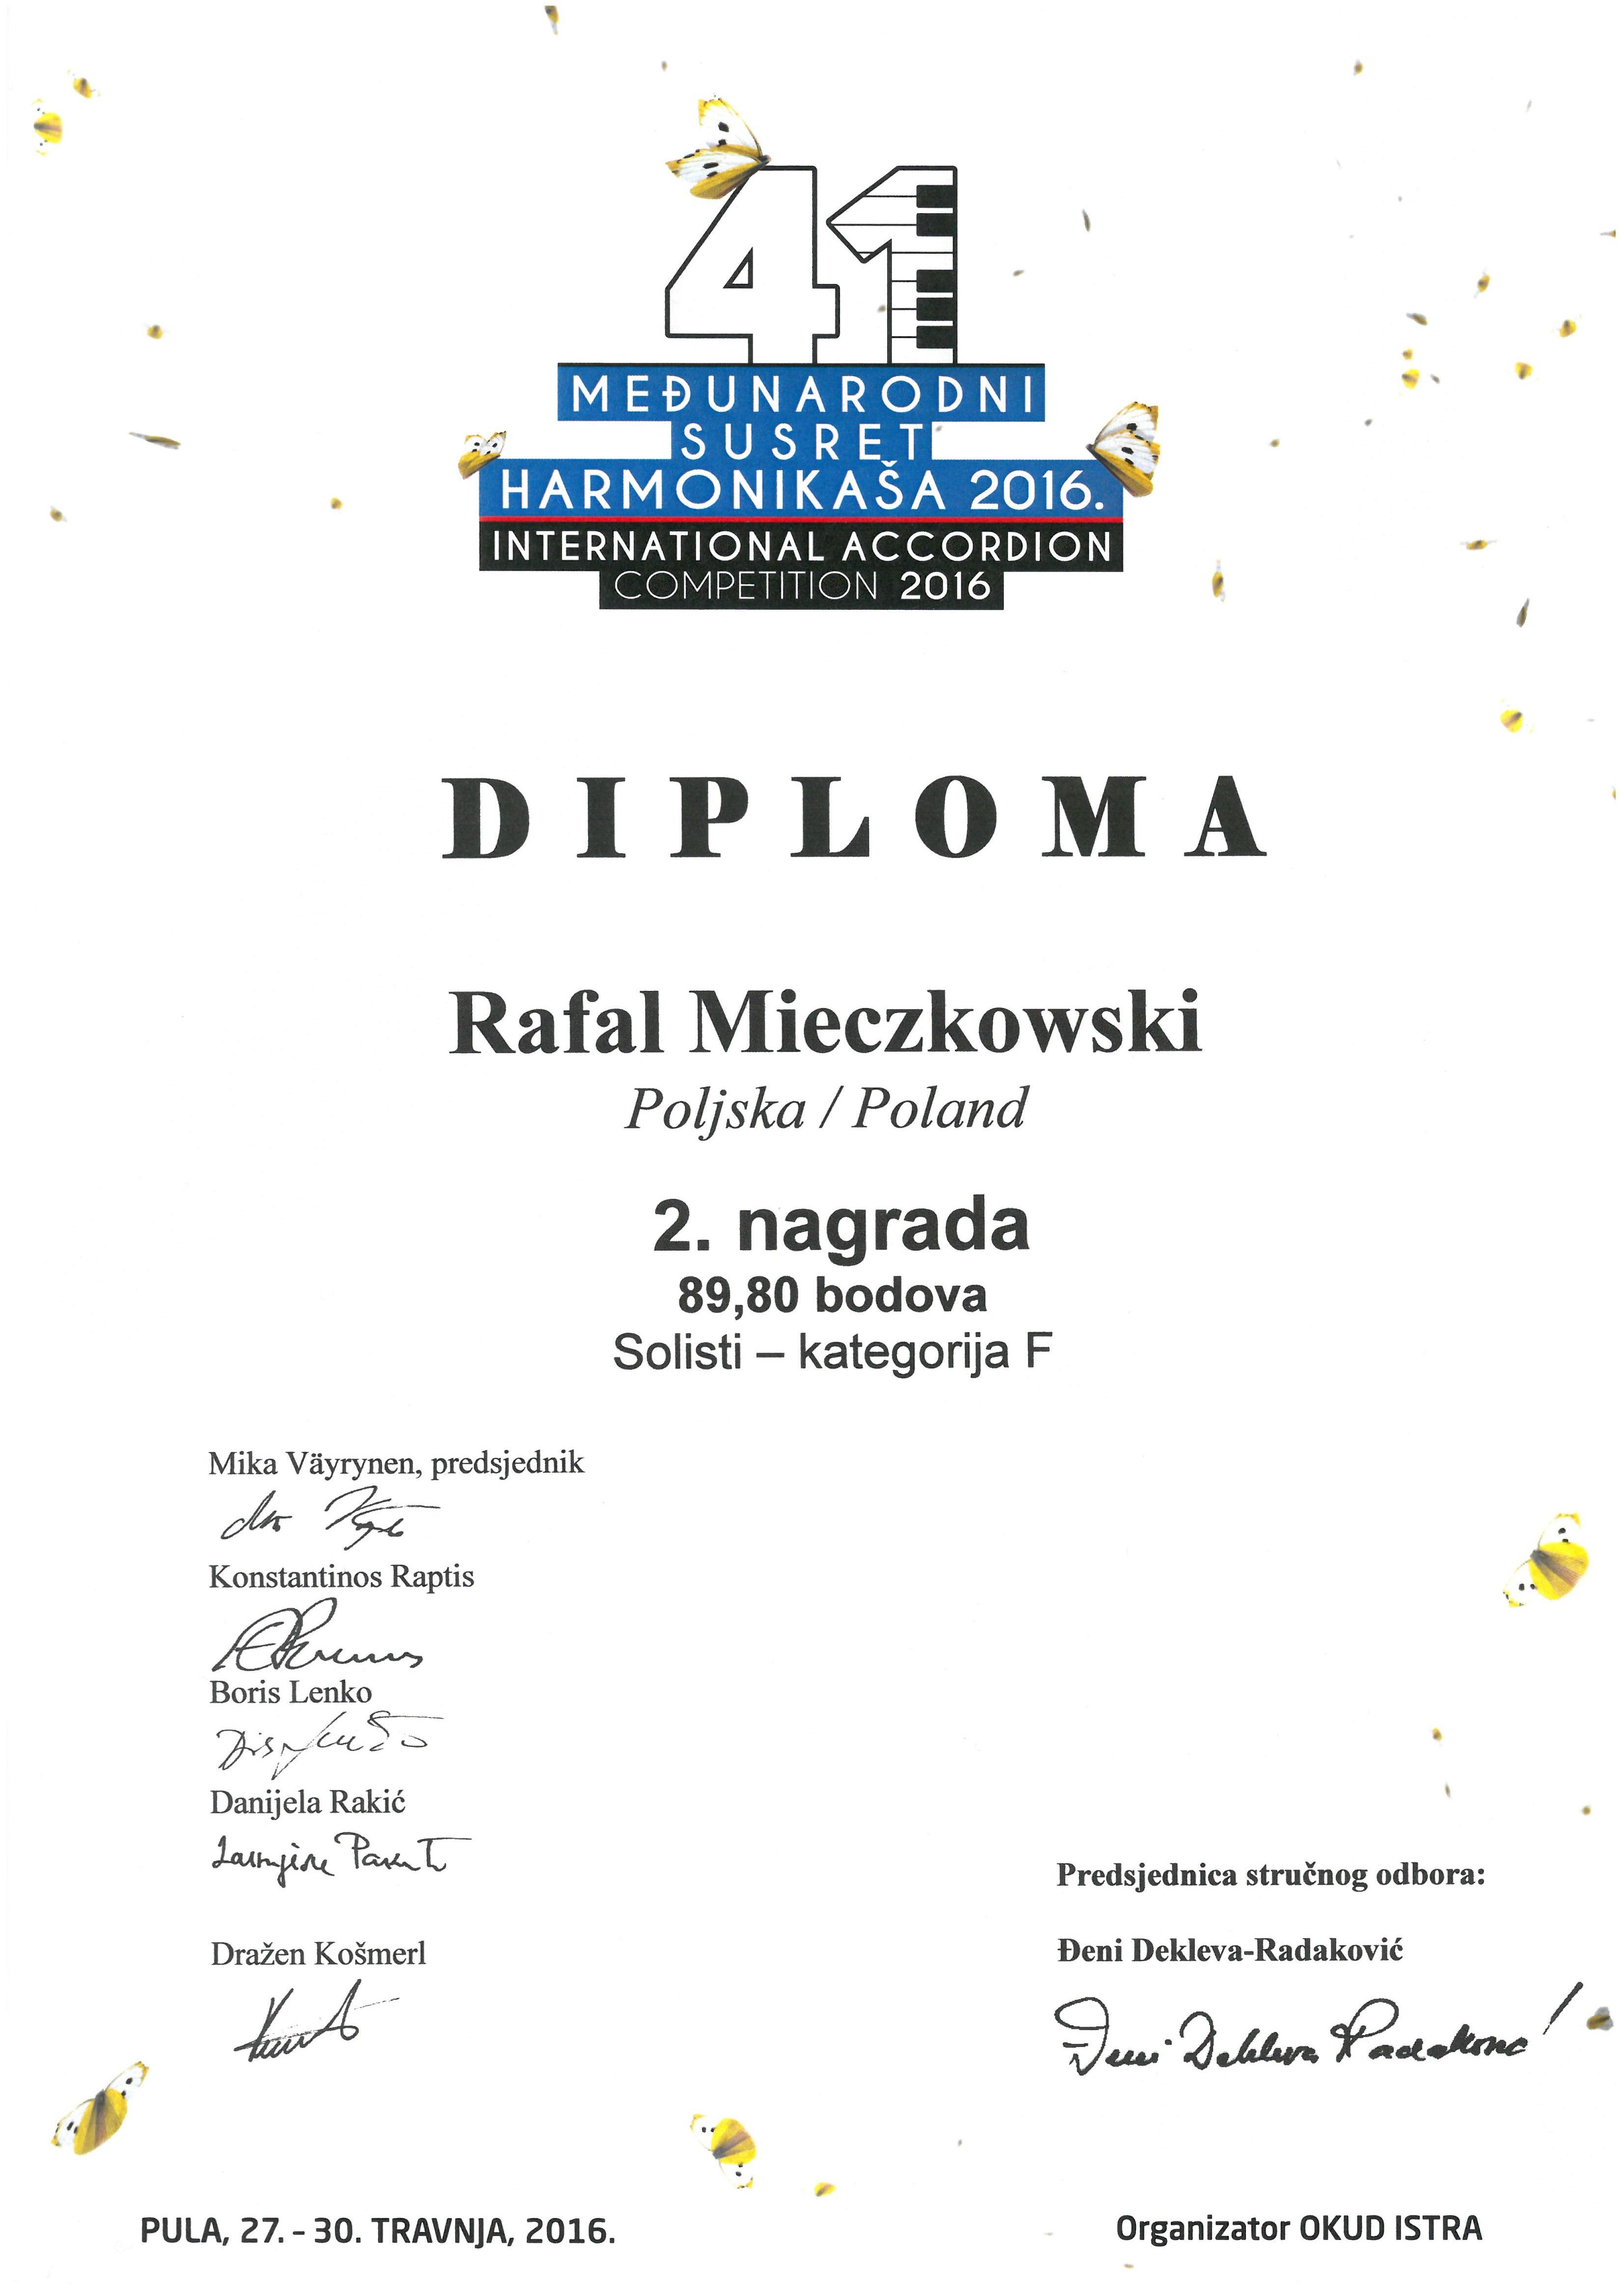 Rafał Mieczkowski_Pula_2016